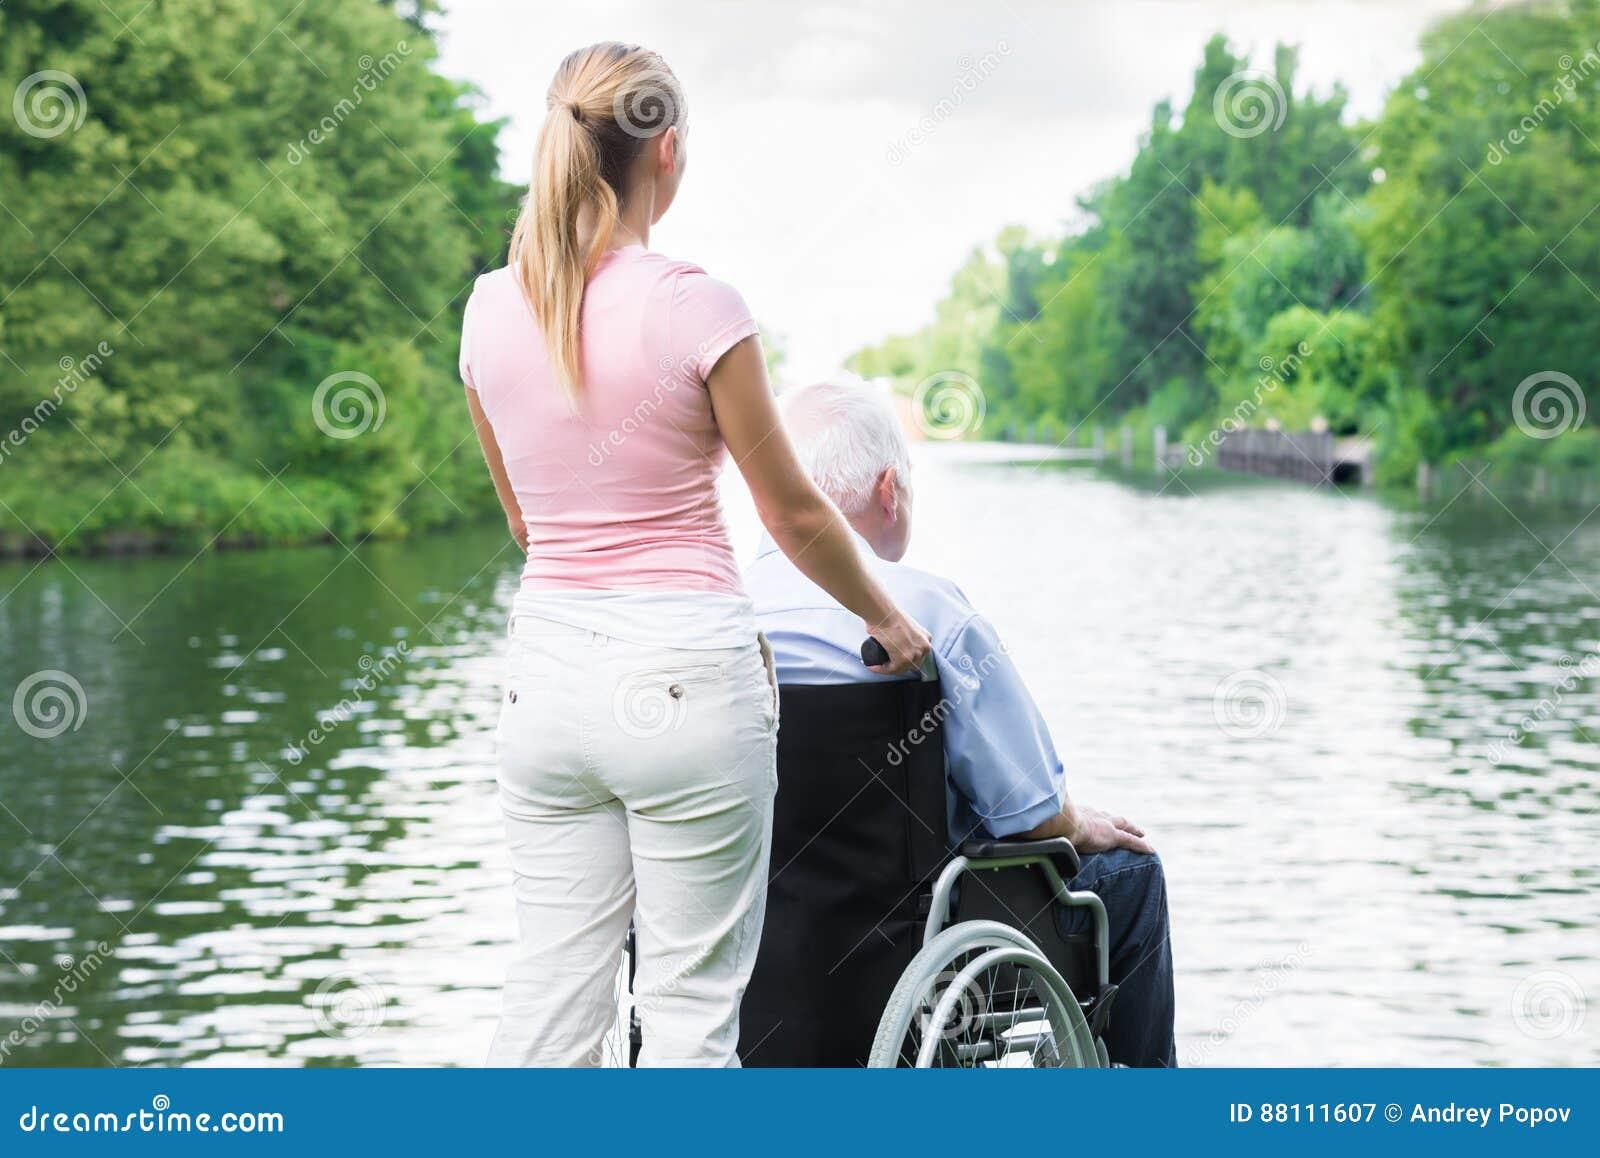 Mujer con su padre discapacitado On Wheelchair Looking en el lago